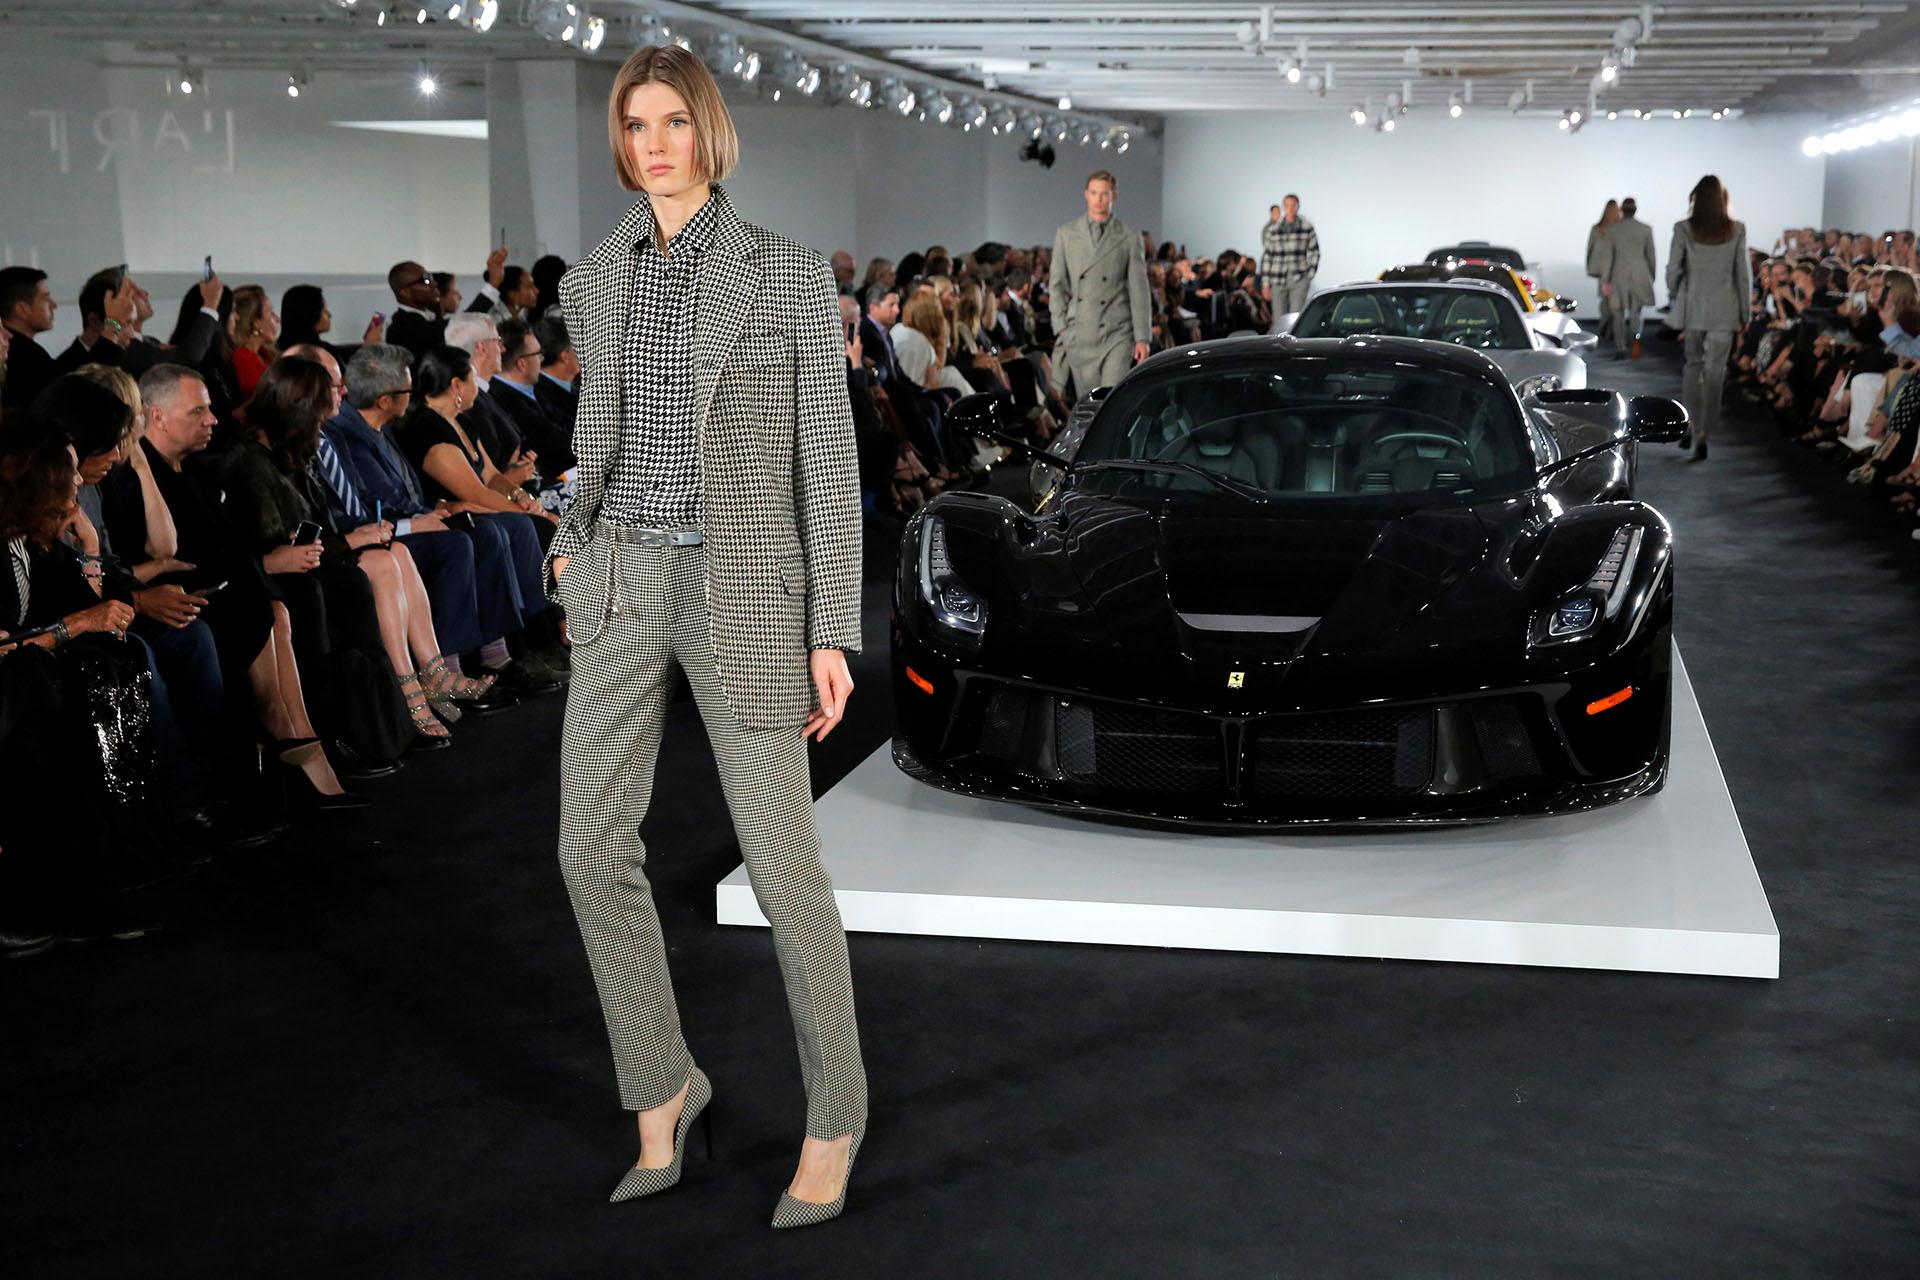 Con una propuesta diferente al resto, en colaboración con autos deportivos acompañando a diseños masculinos sastreros cuadrille, vichy y príncipe de gales REUTERS/Andrew Kelly